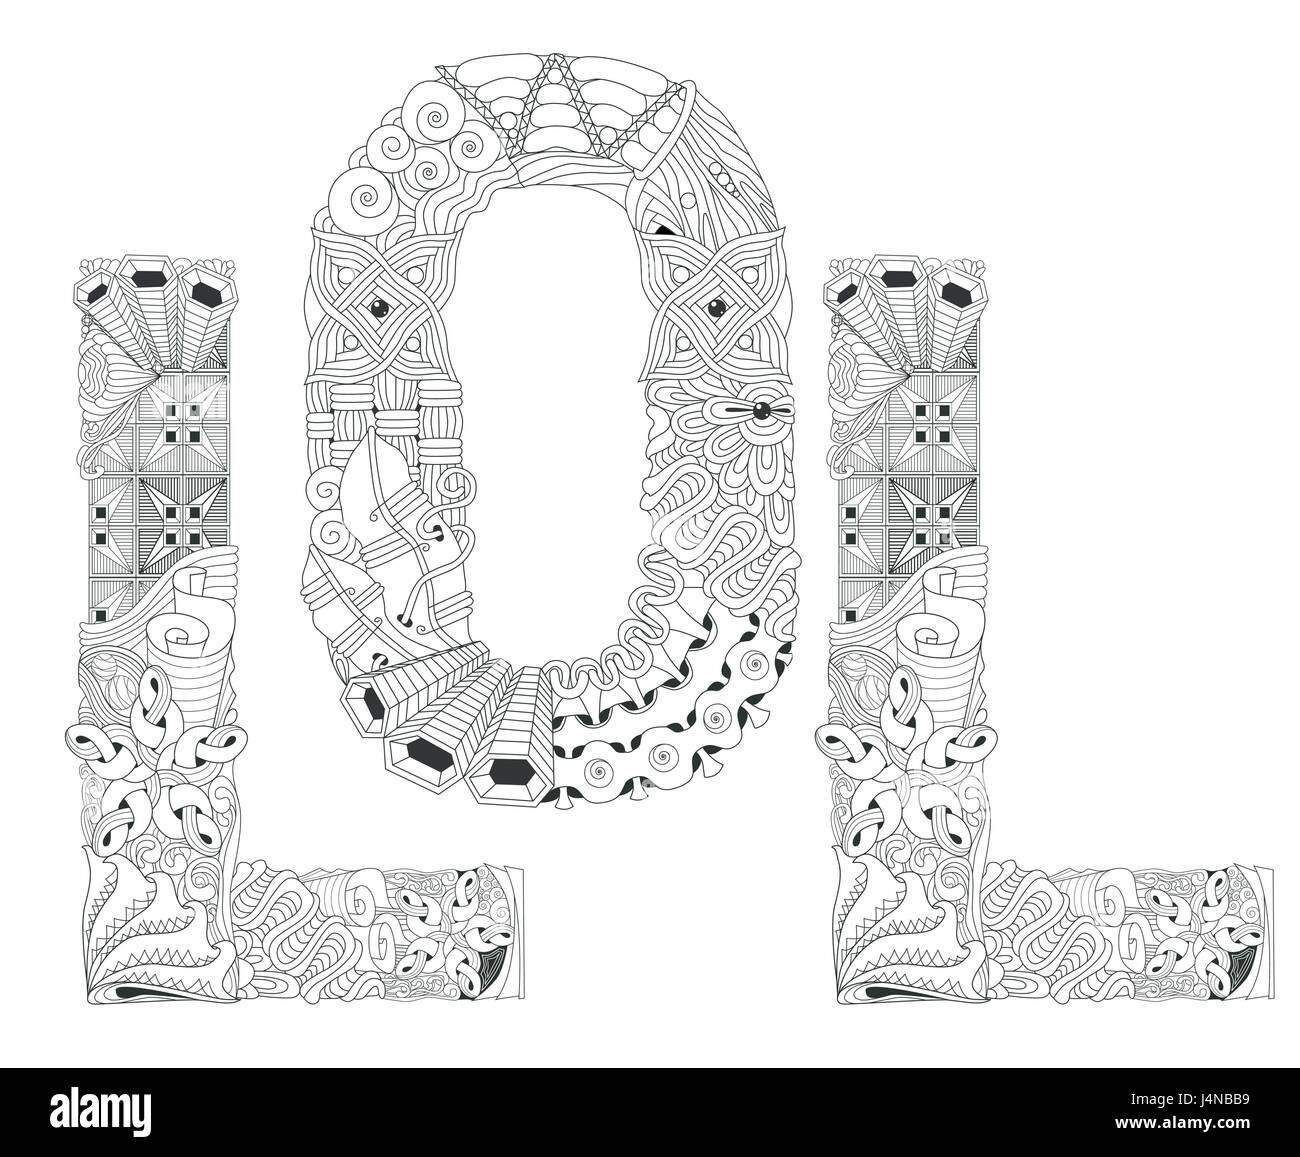 la conception de l 39 art peint la main anti stress adultes page colorier dessin la main. Black Bedroom Furniture Sets. Home Design Ideas